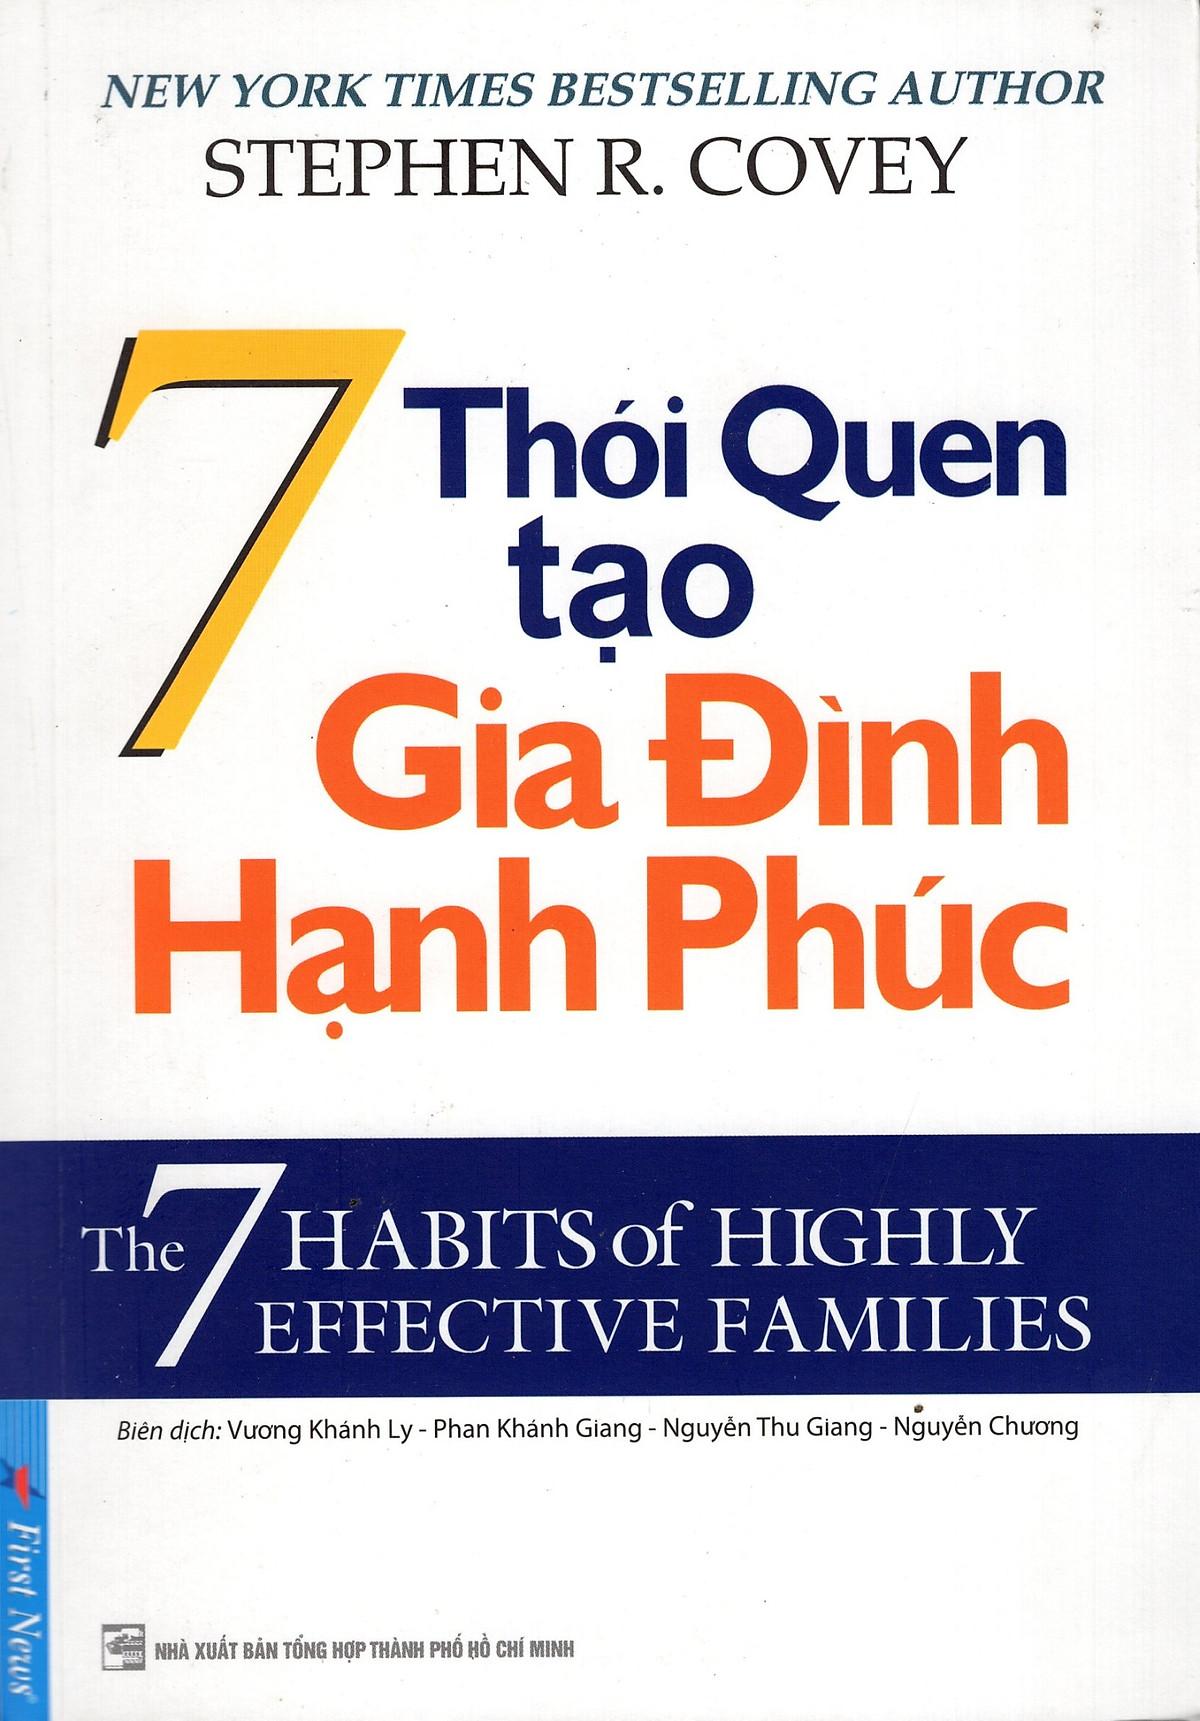 Cơ Hội Giá Tốt Để Sở Hữu 7 Thói Quen Tạo Gia Đình Hạnh Phúc